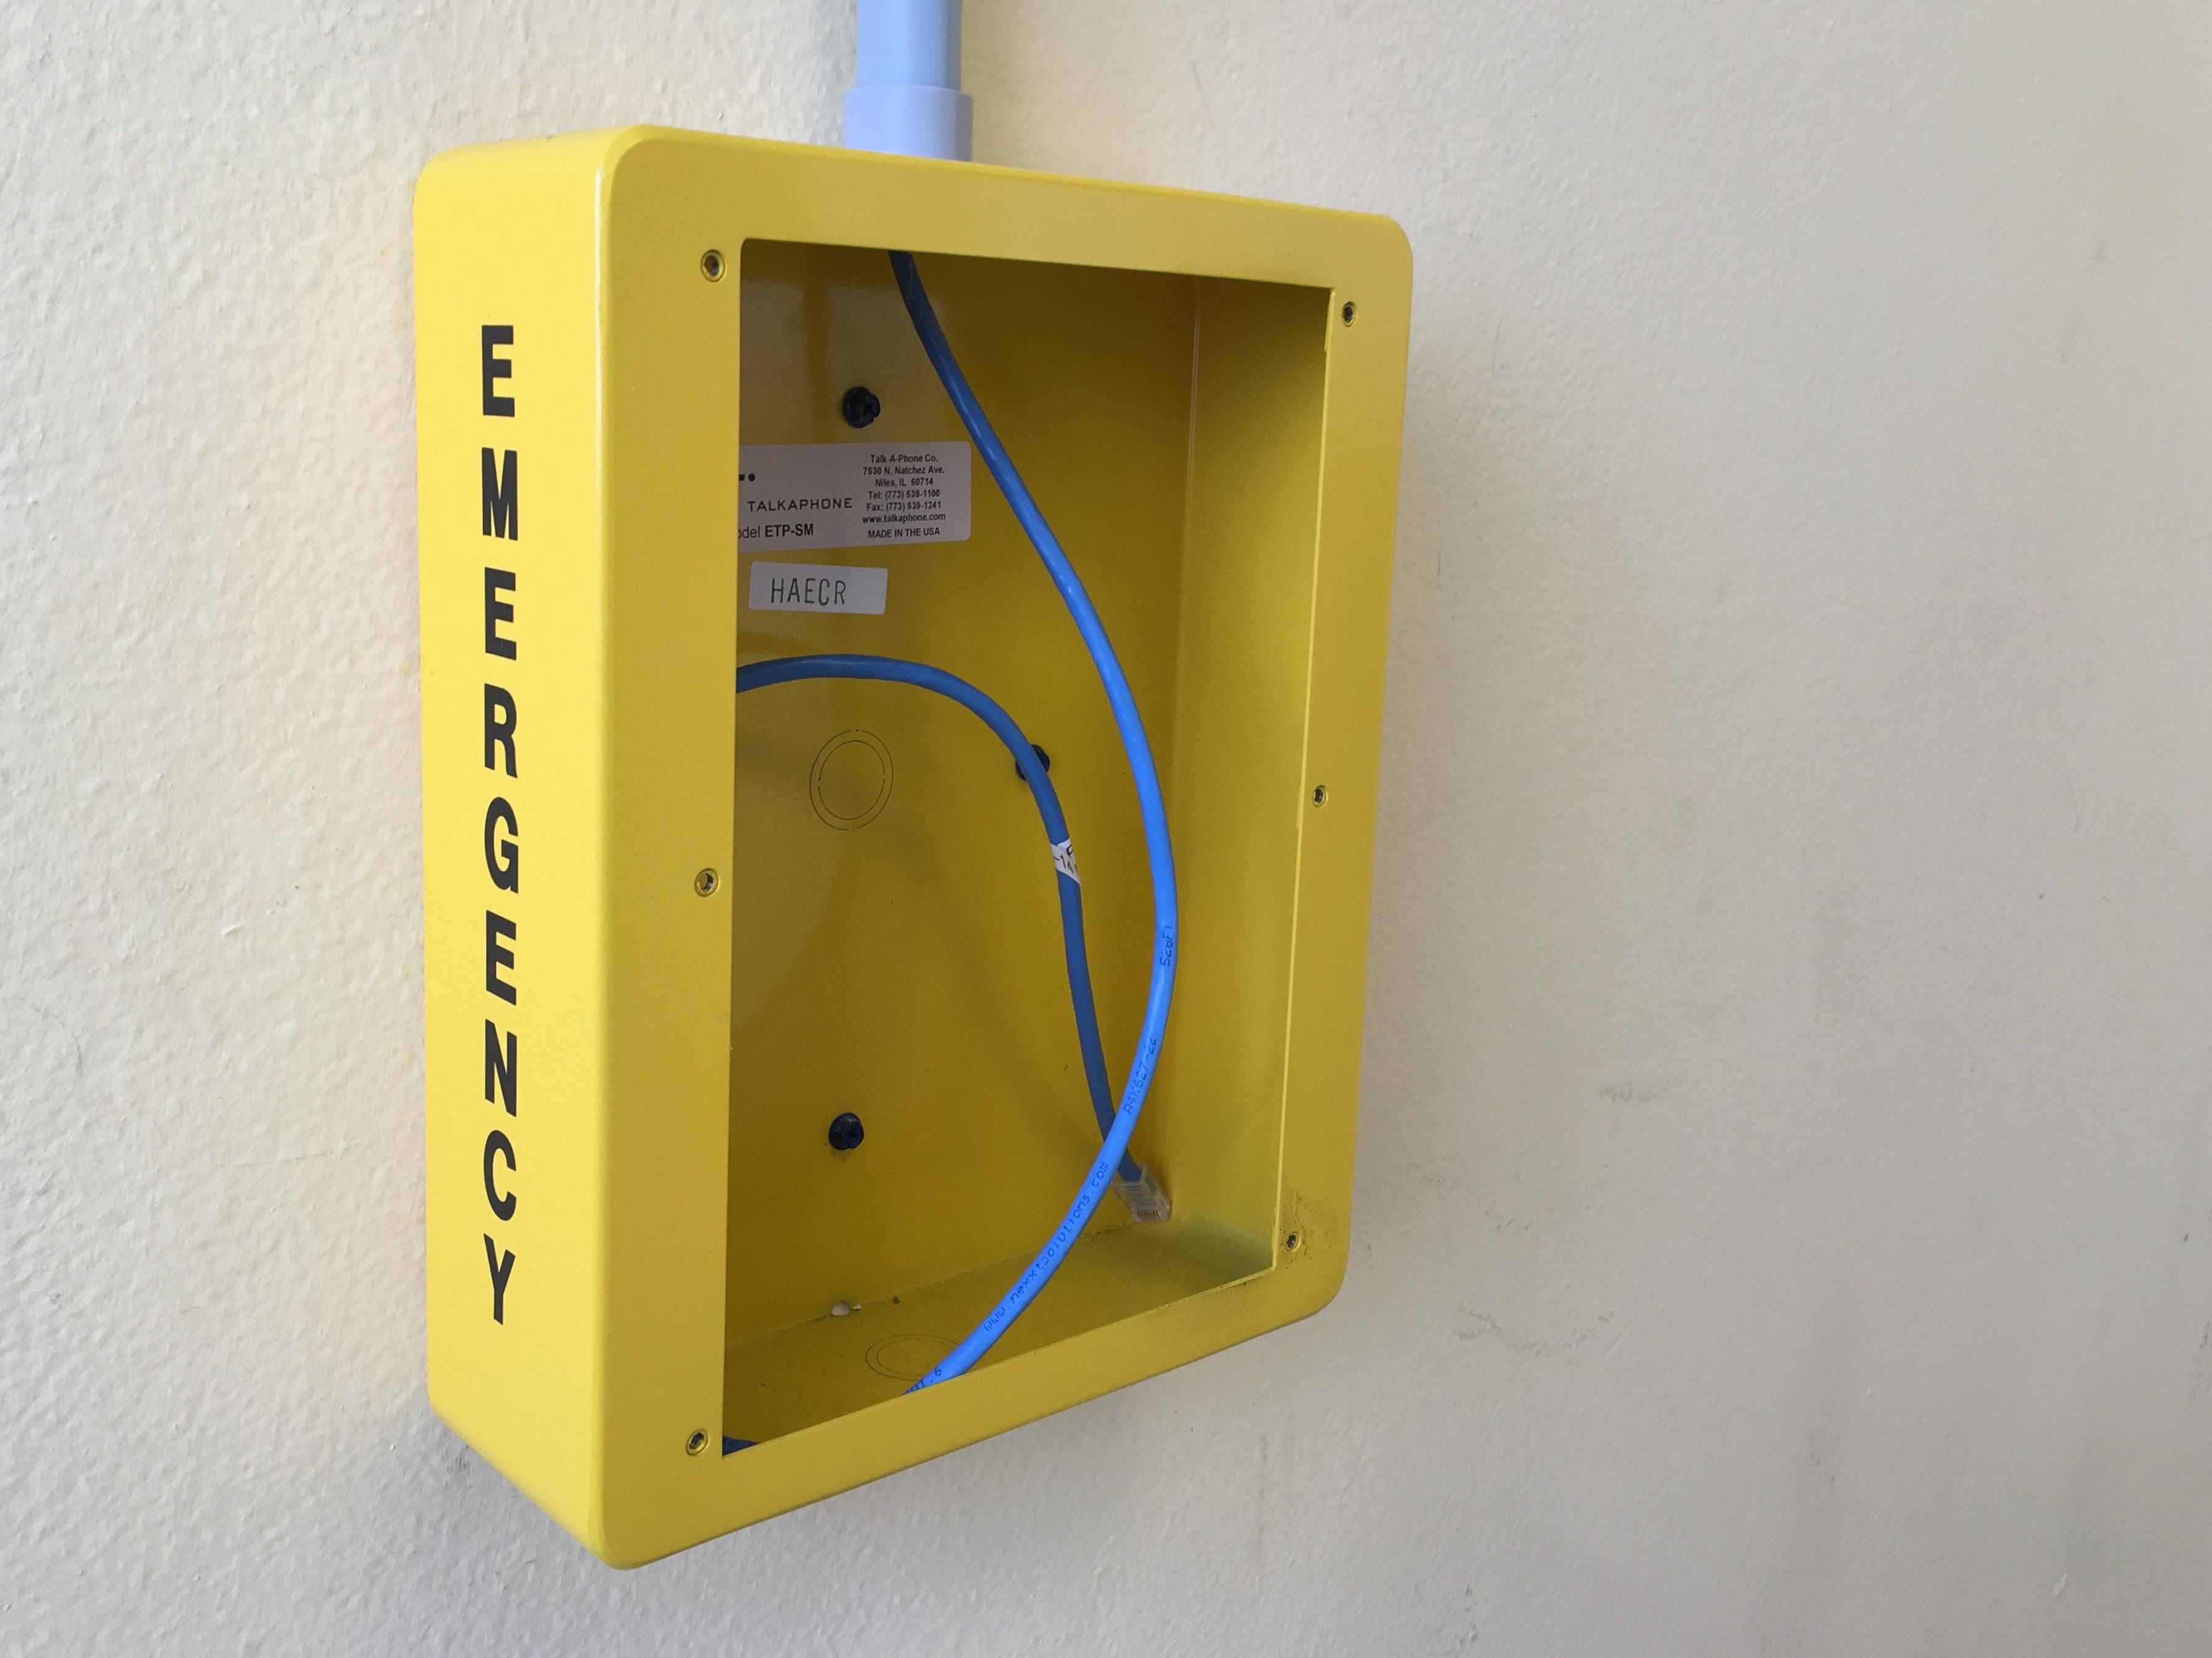 Kostenlose foto : Technologie, Draht, Gelb, Produkt, Elektronik ...